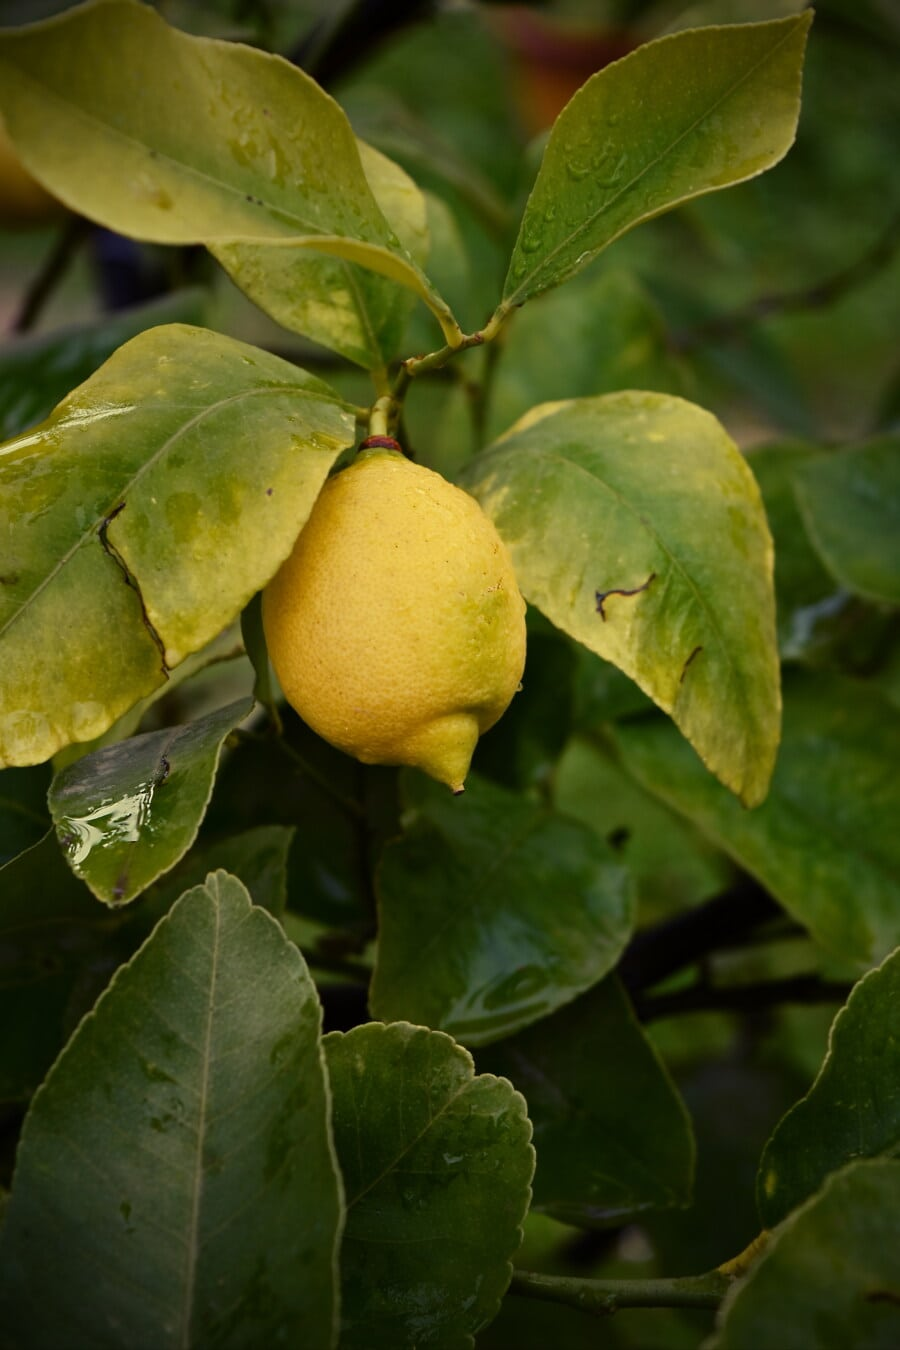 agrumes, citron, tropical, exotique, arbre fruitier, fruits, Agriculture, fermer, goutte de pluie, humidité